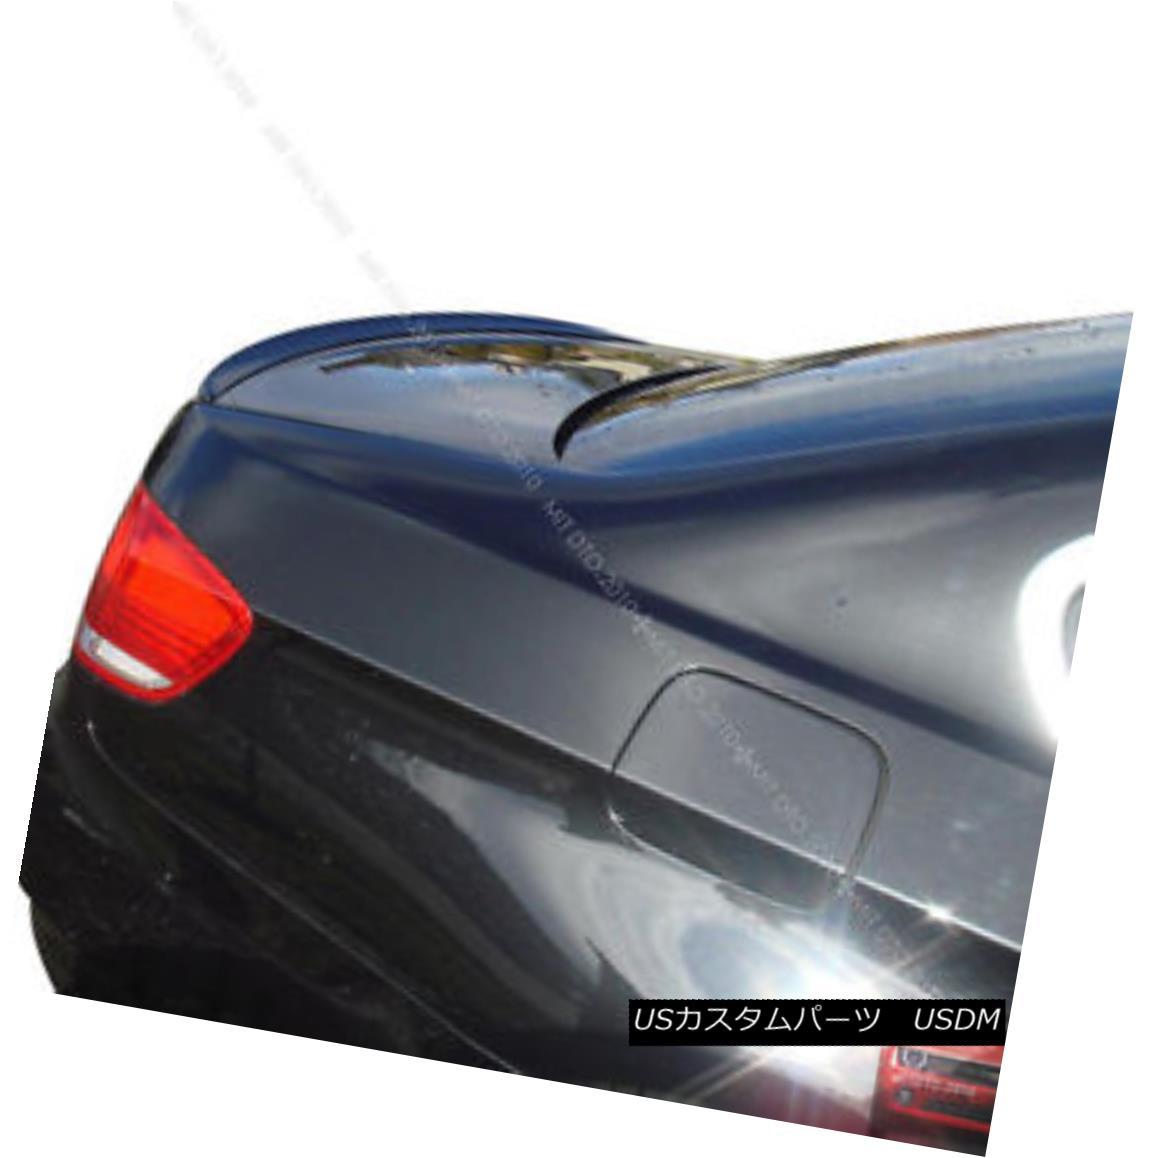 エアロパーツ SHIP FROM LA E92 BMW M3-Type Painted 2dr Trunk lip Spoiler Color #668 black 船からLA E92 BMW M3タイプ塗装2drトランクリップスポイラーカラー#668黒